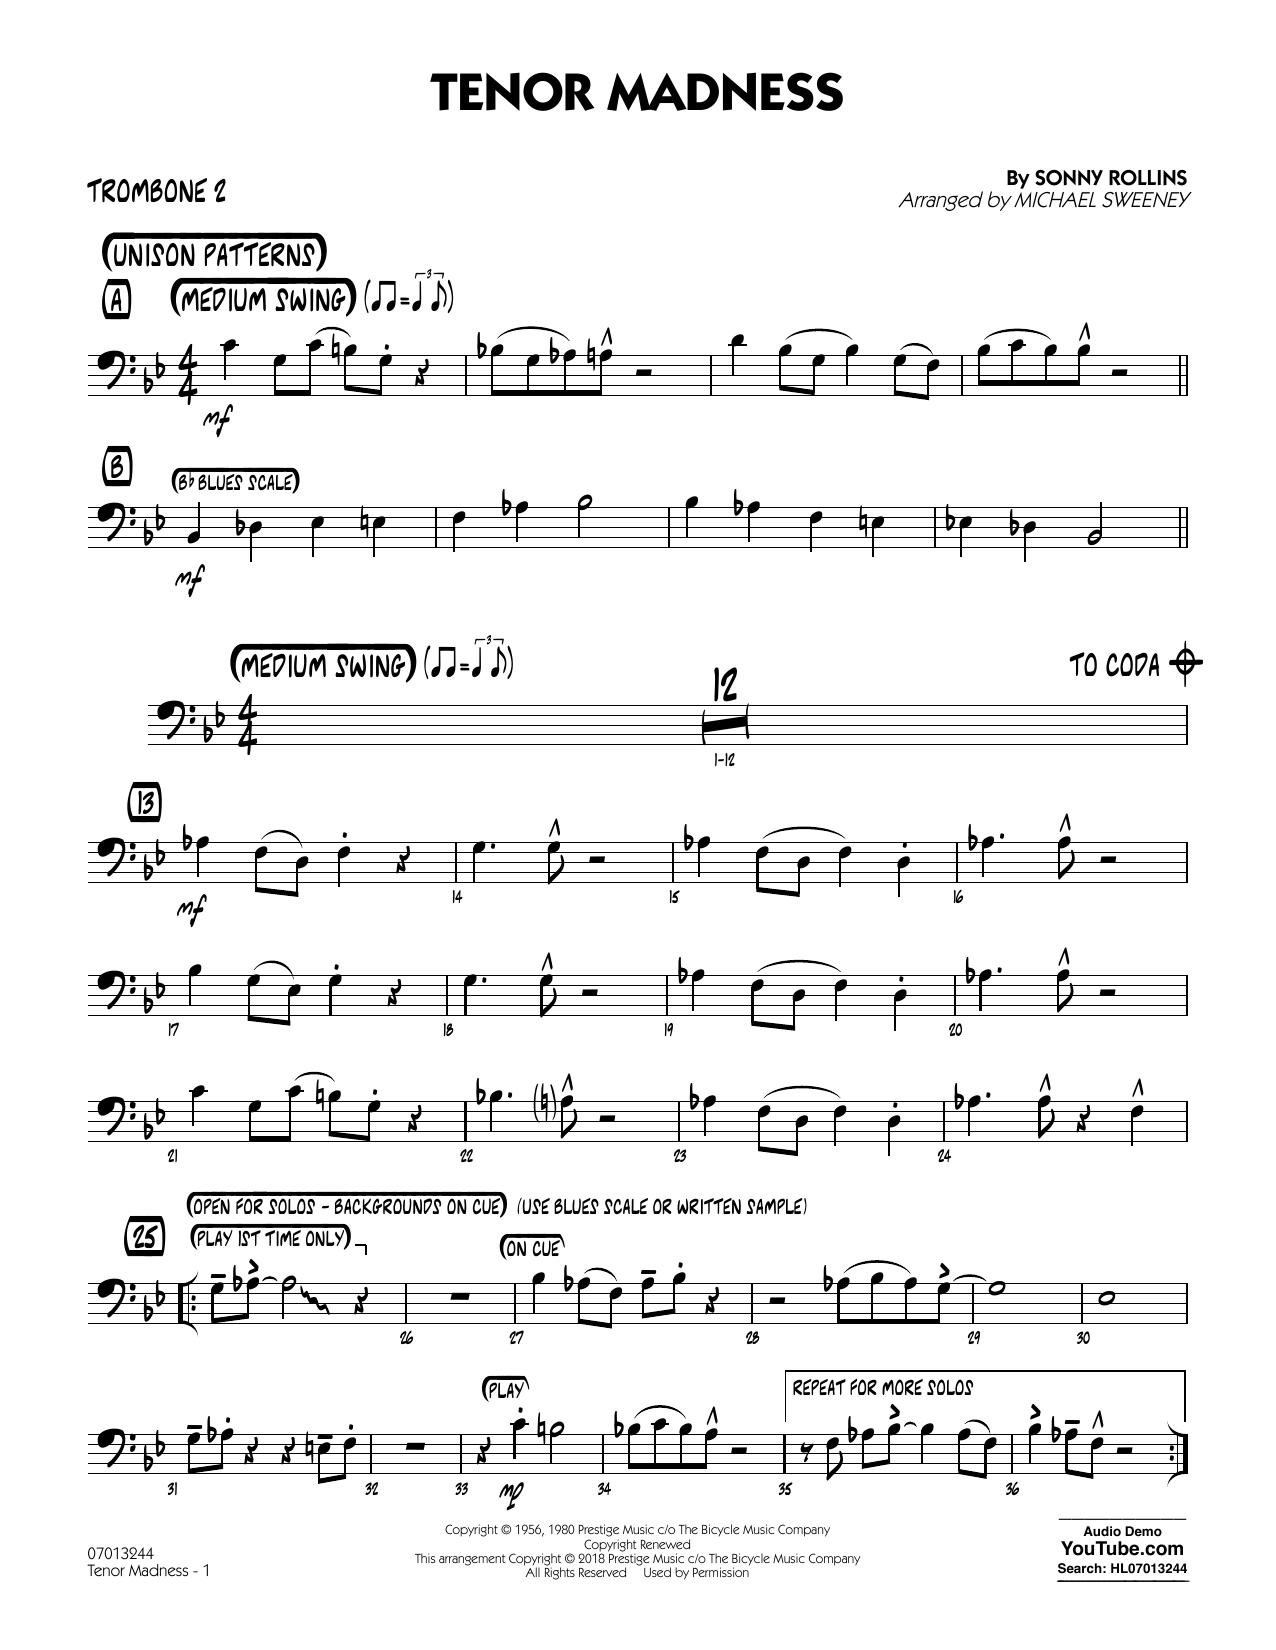 Tenor Madness (arr  Michael Sweeney) - Trombone 2 by Sonny Rollins Jazz  Ensemble Digital Sheet Music